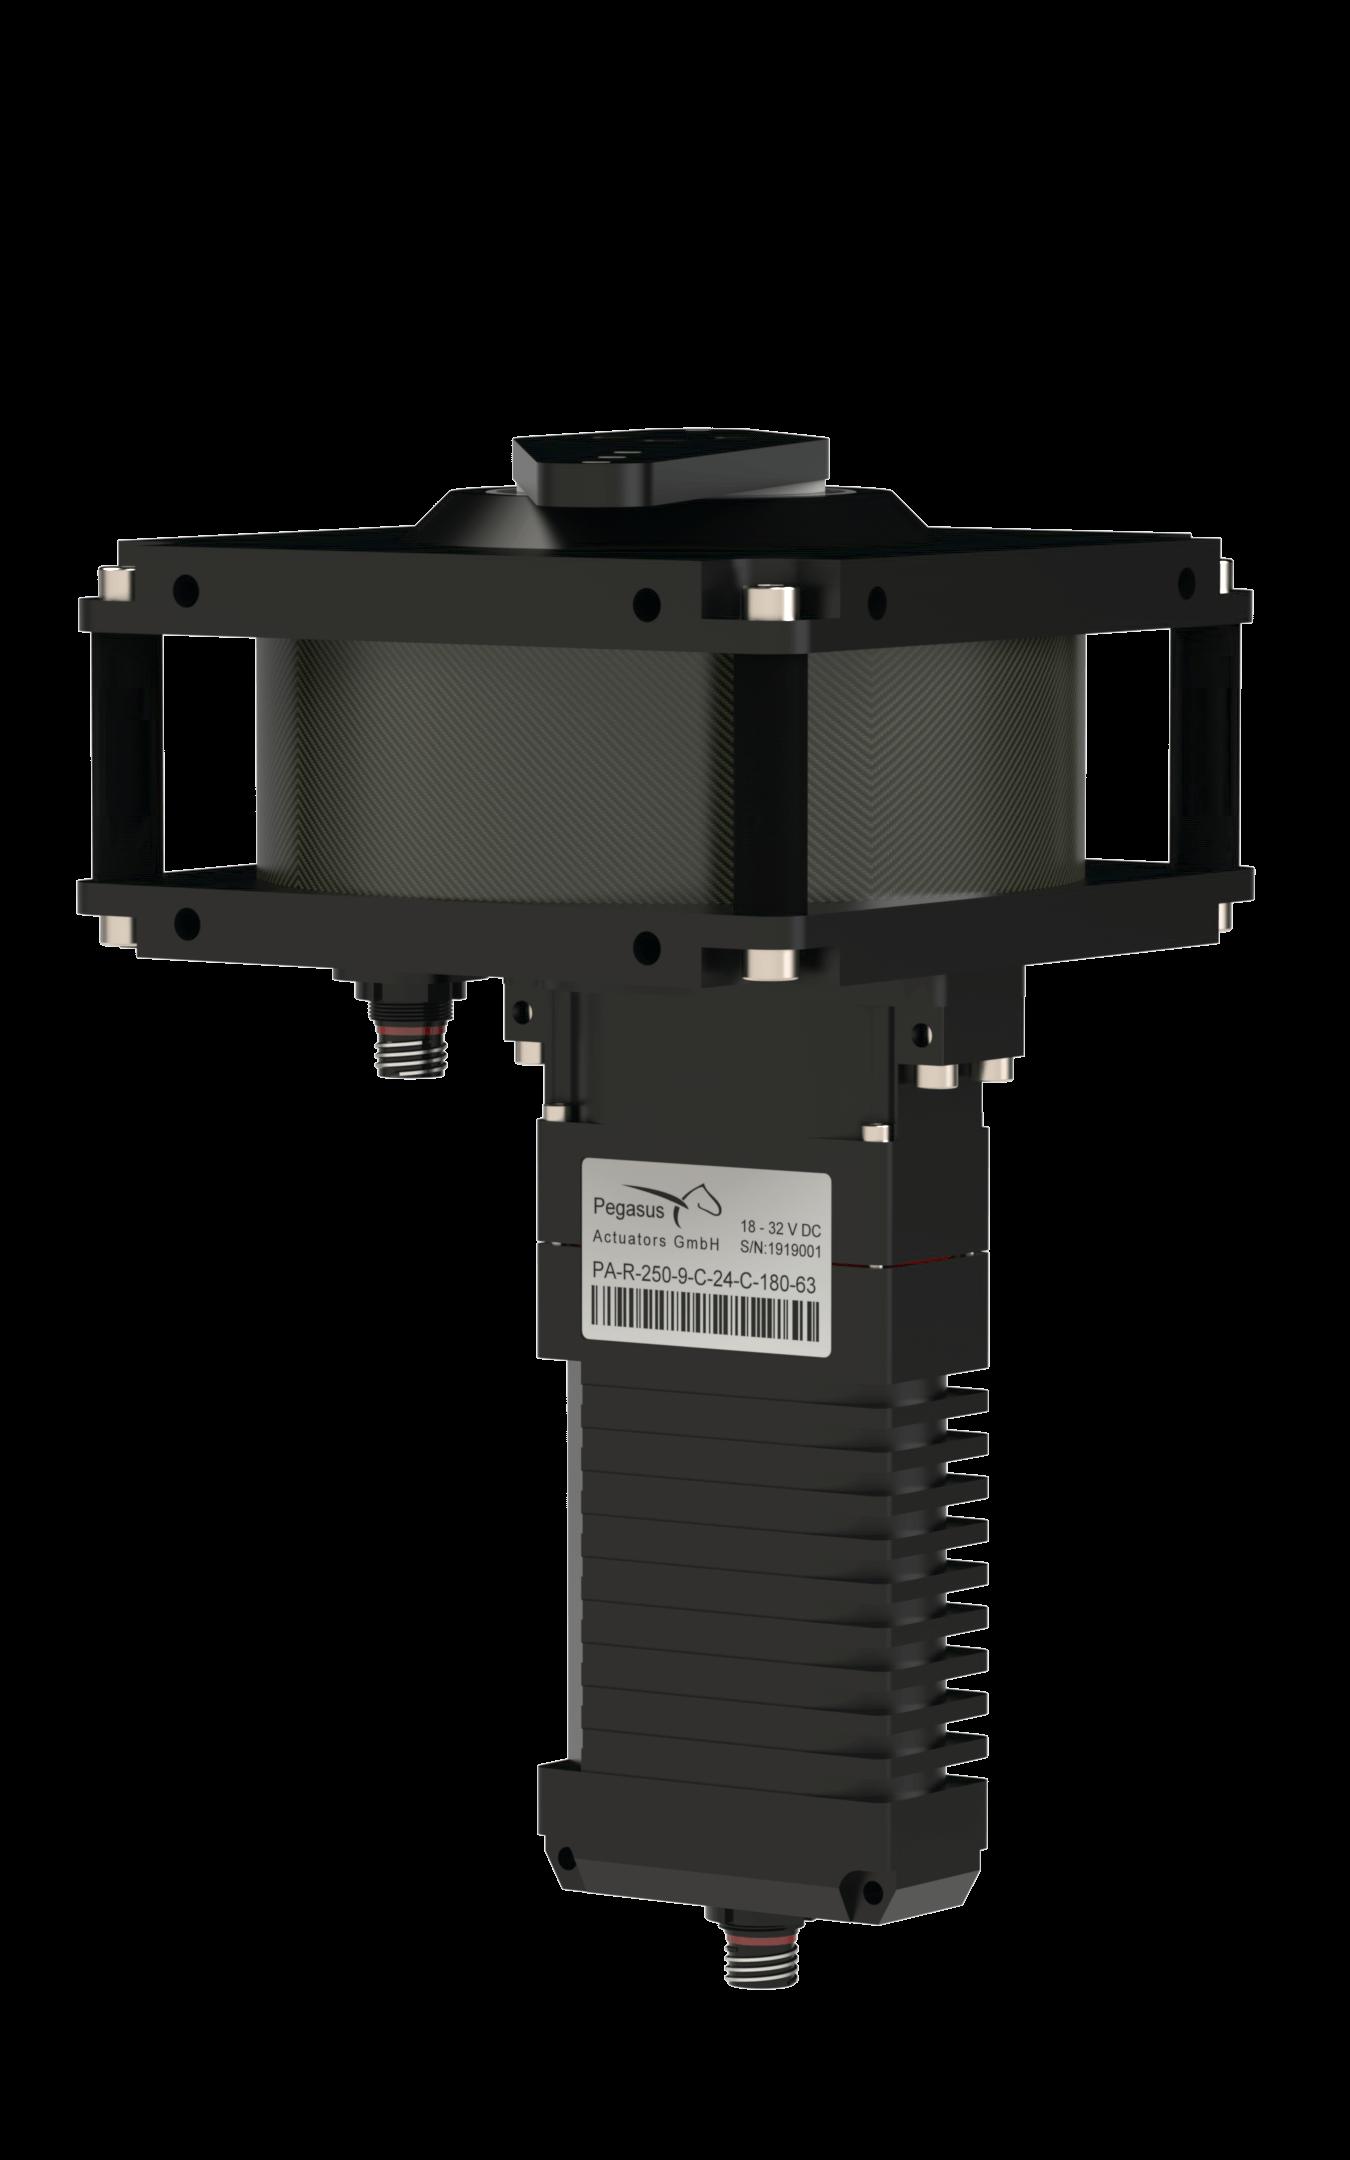 PA-R-250-9-OPV Actuators